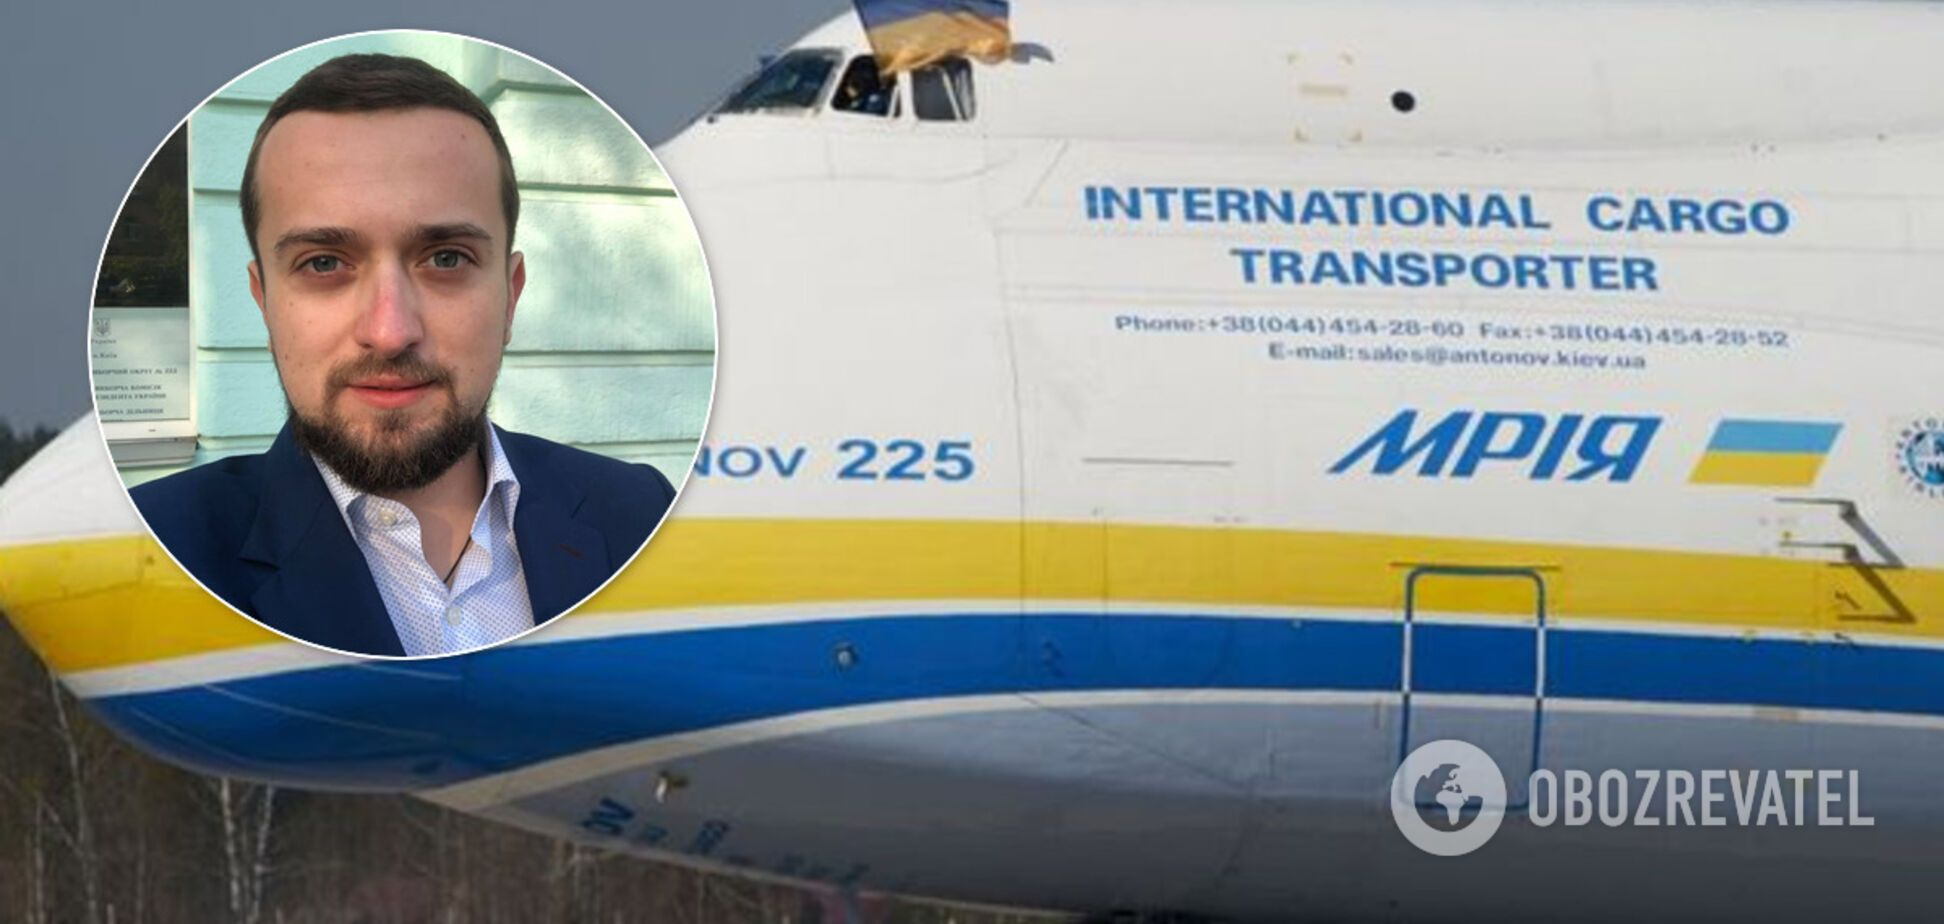 Відповідальні Баум і Тимошенко: спливли документи про комерційні вантажі в нібито гуманітарних рейсах Зеленського